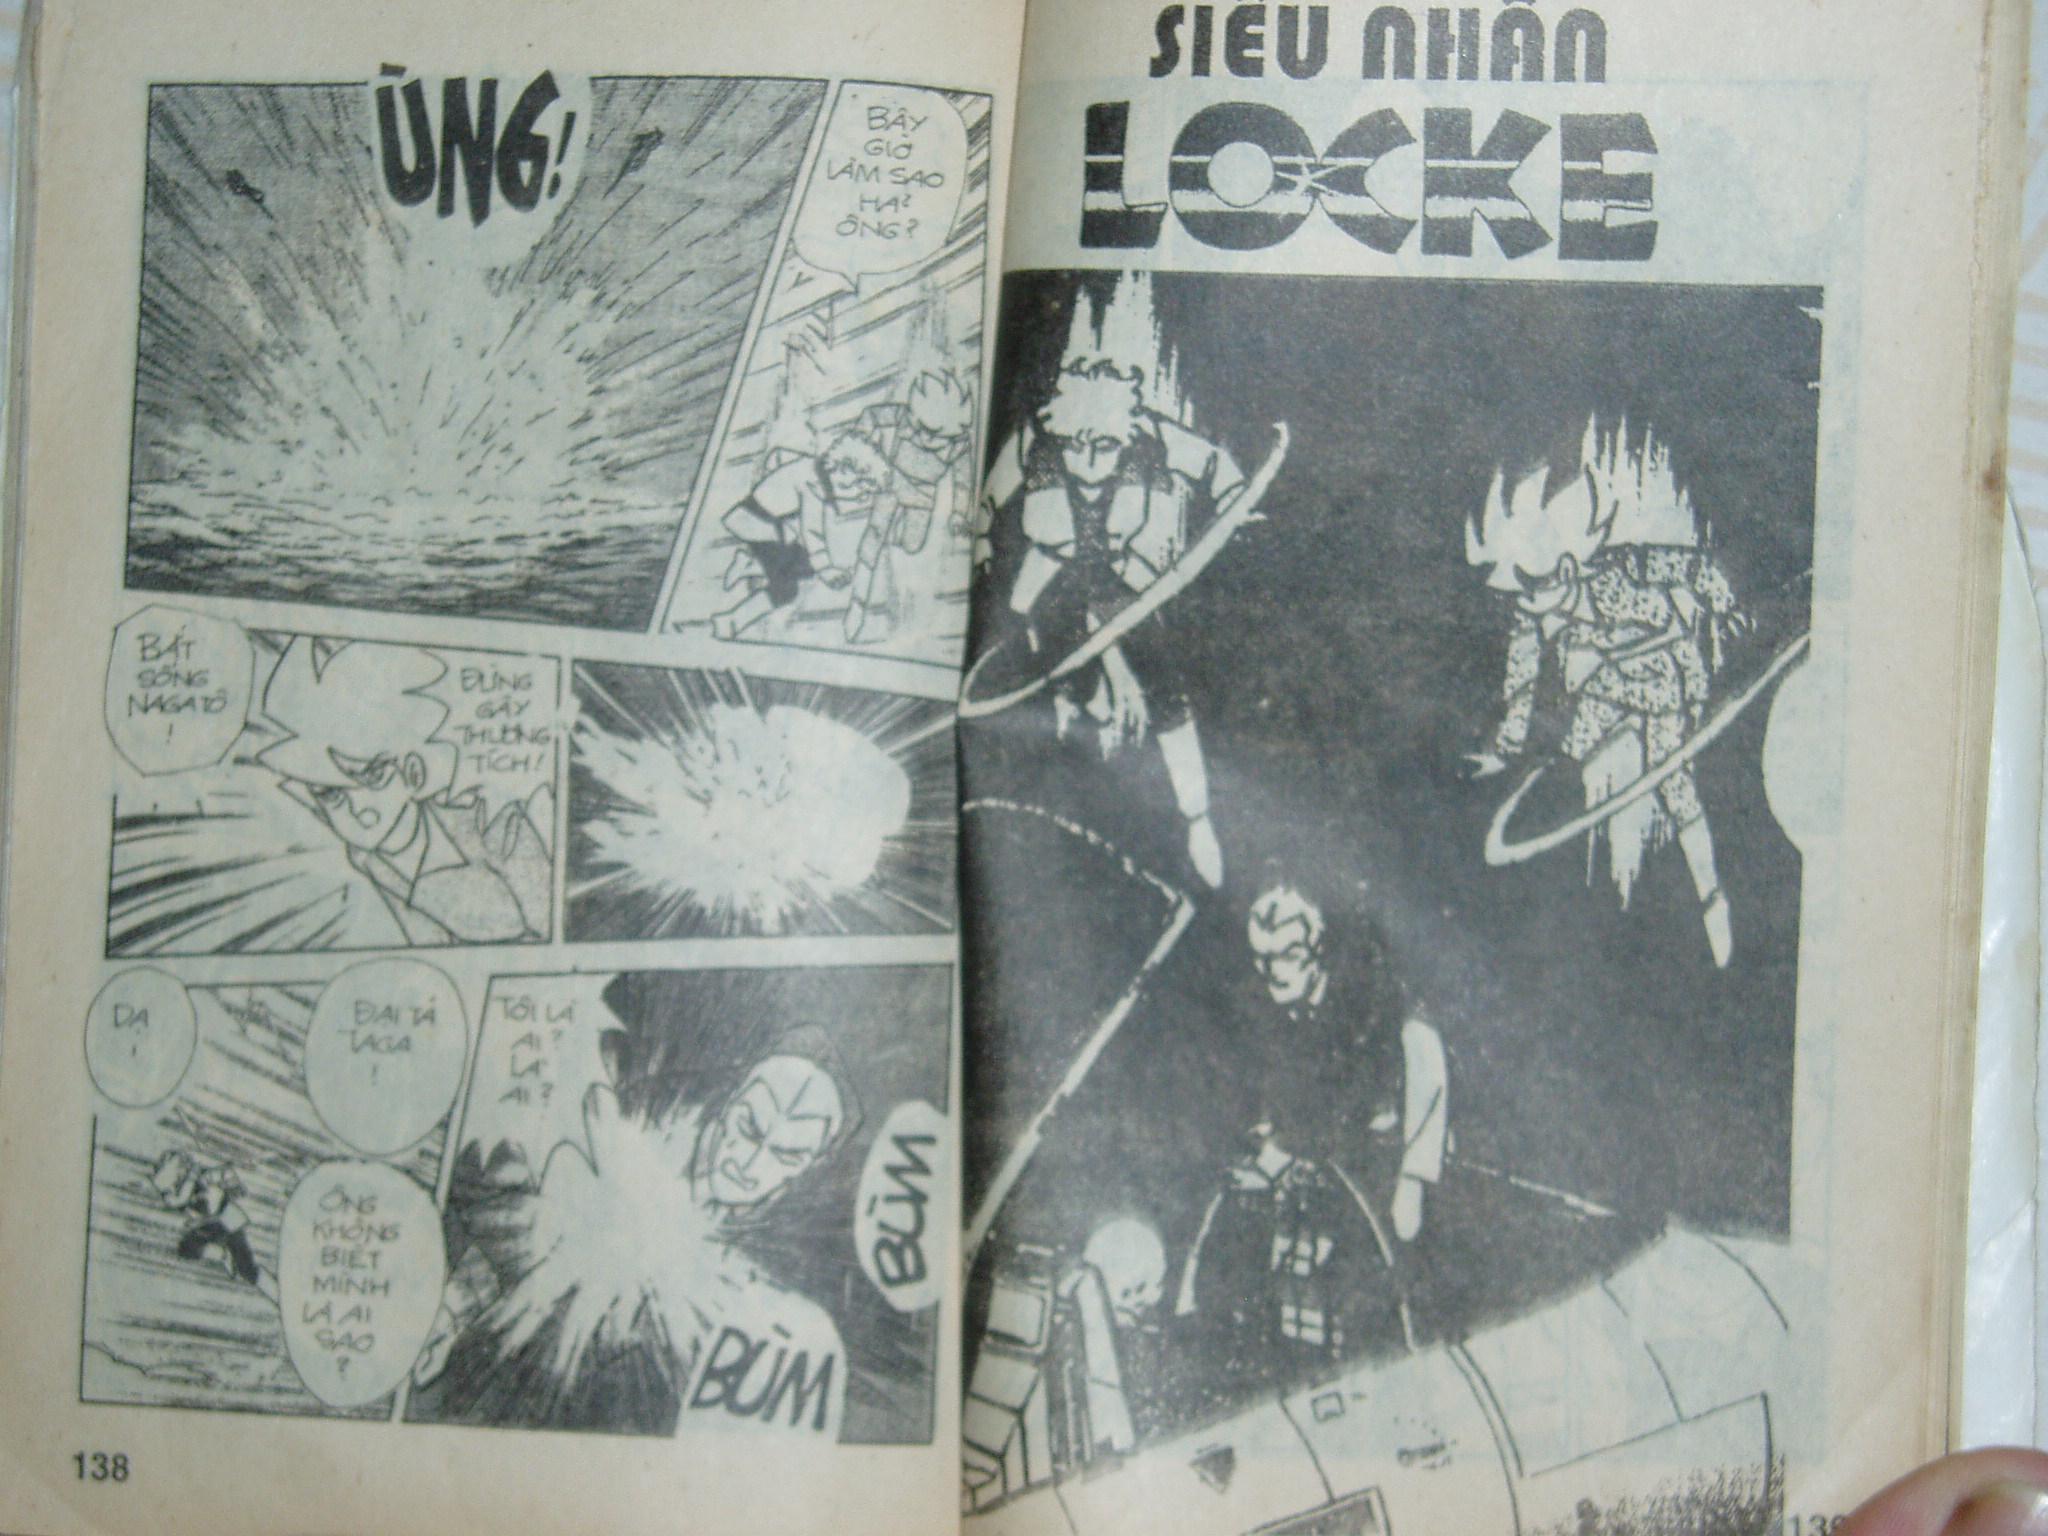 Siêu nhân Locke vol 13 trang 66